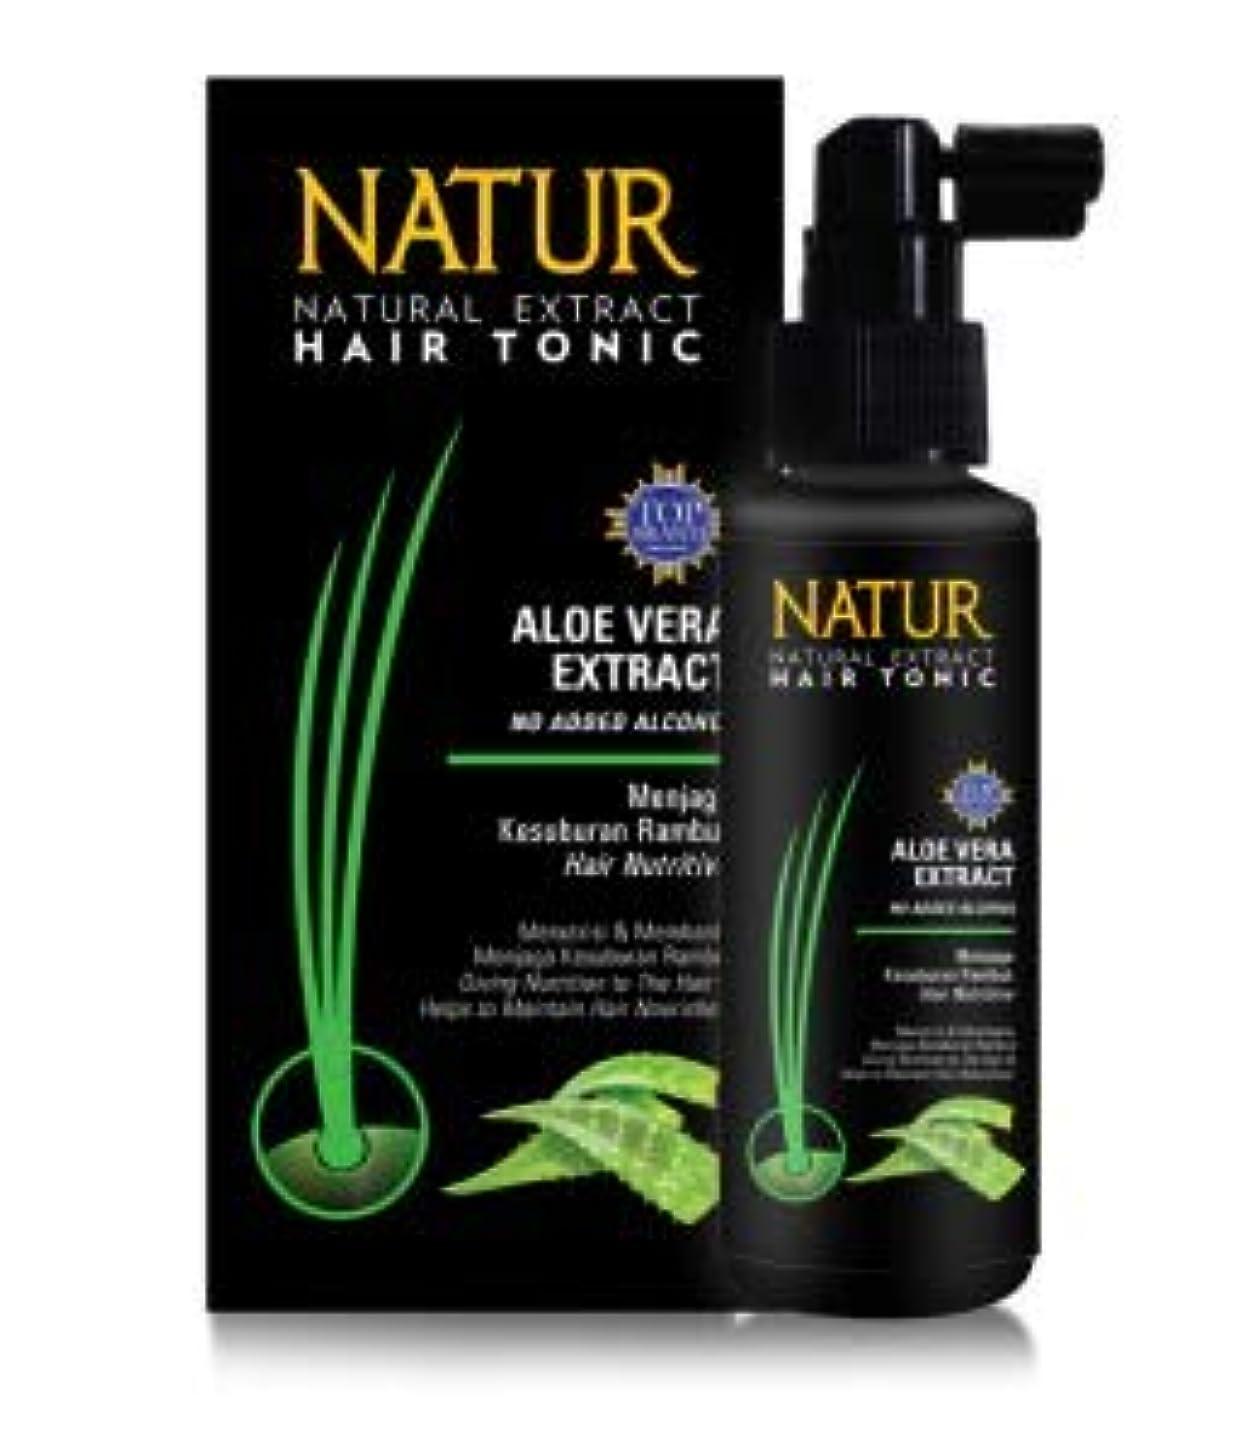 周波数移住する閃光NATUR ナトゥール 天然植物エキス配合 Hair Tonic ハーバルヘアトニック 90ml Aloe vera アロエベラ [海外直商品]